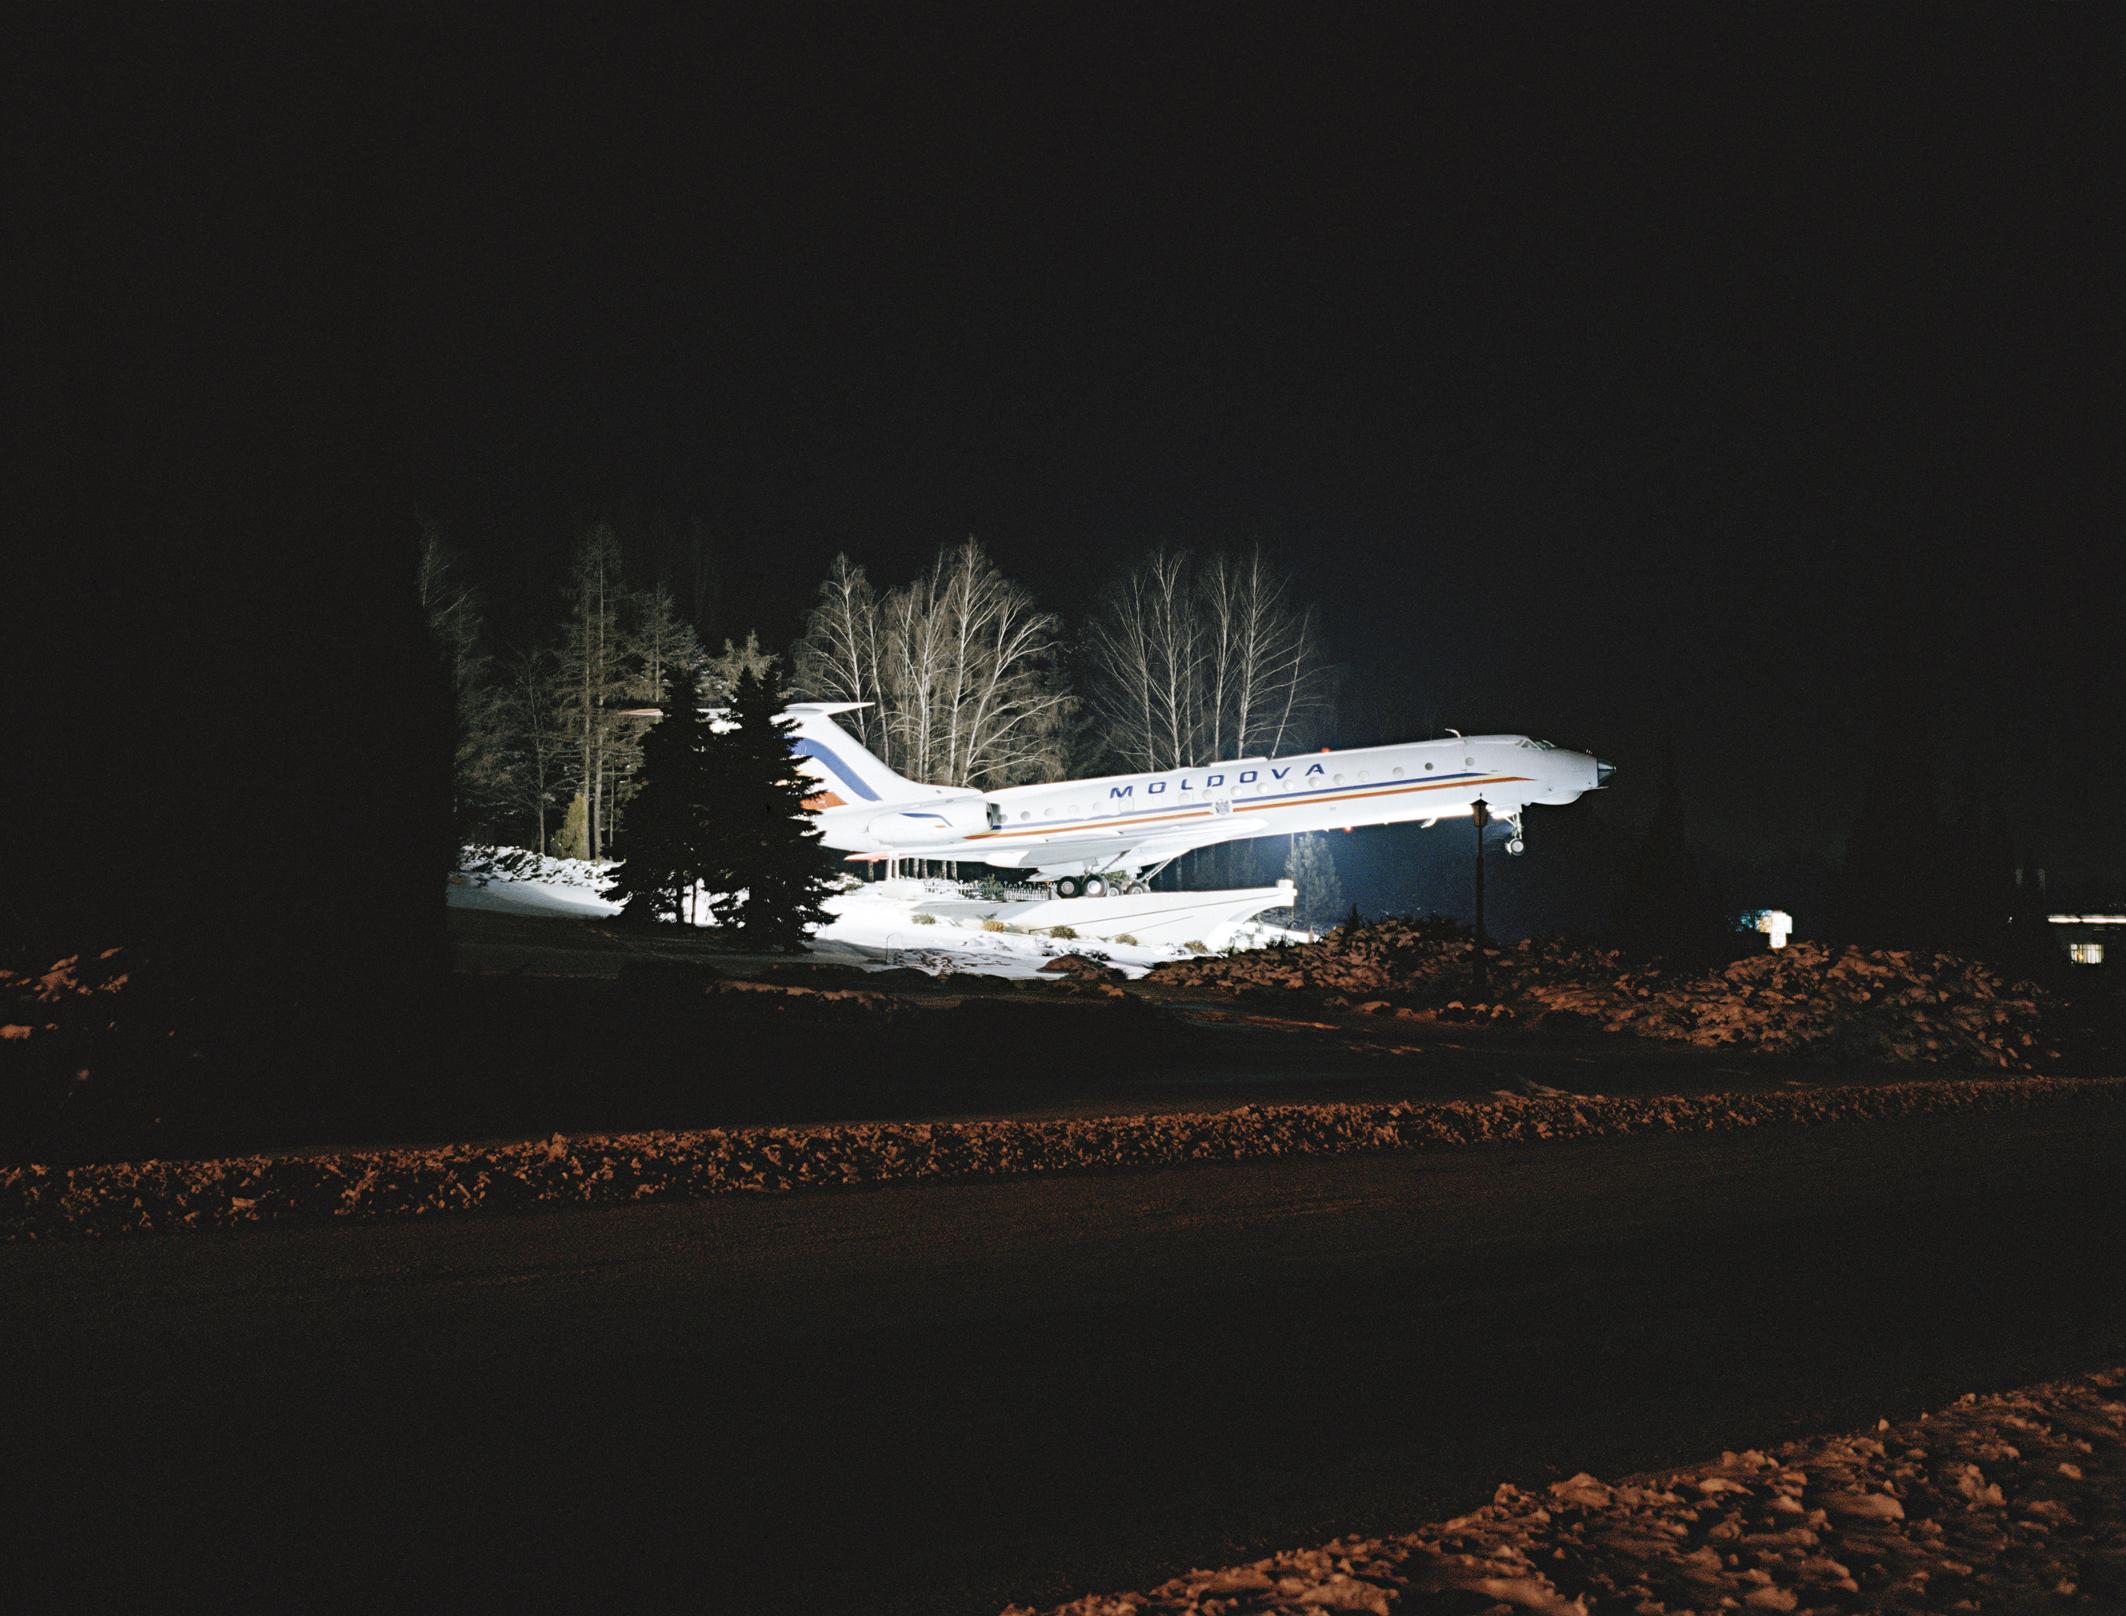 Flugzeug, aus der Serie Land ohne Eltern